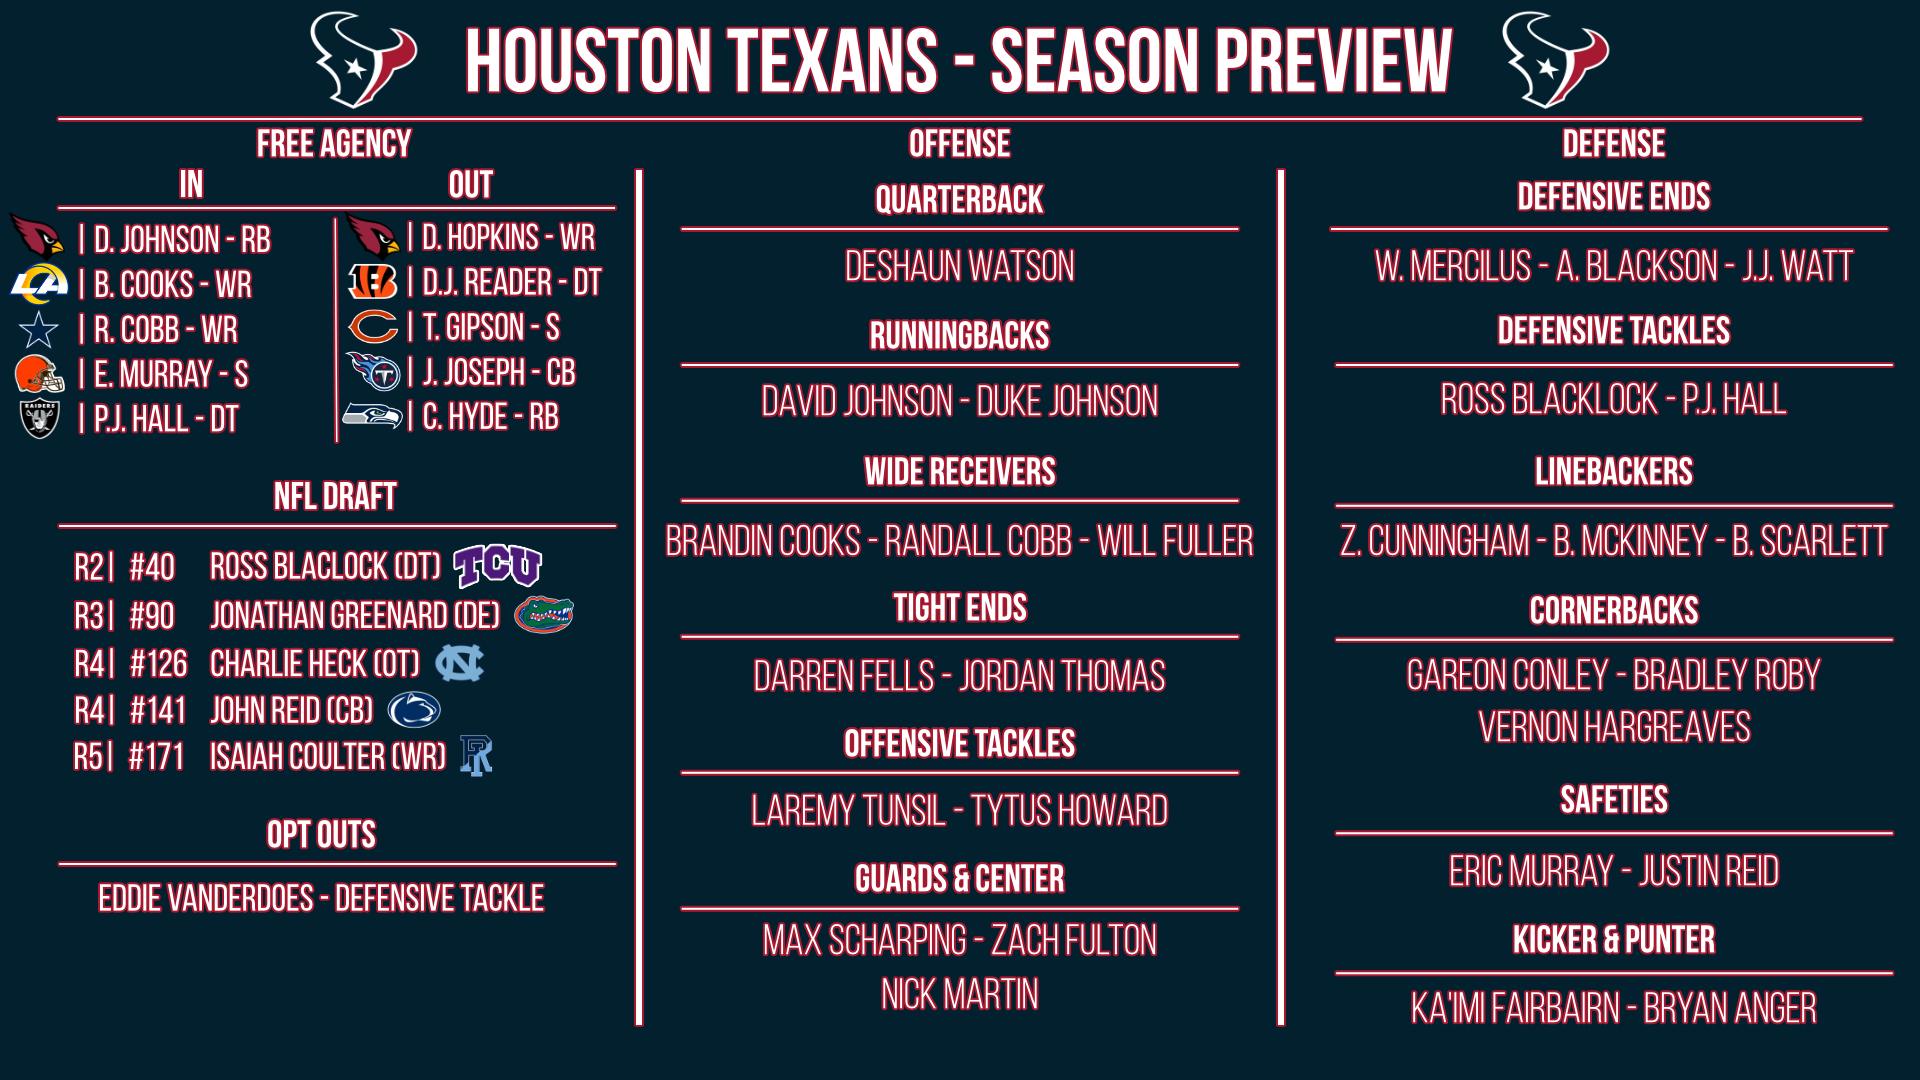 Houston Texans preview